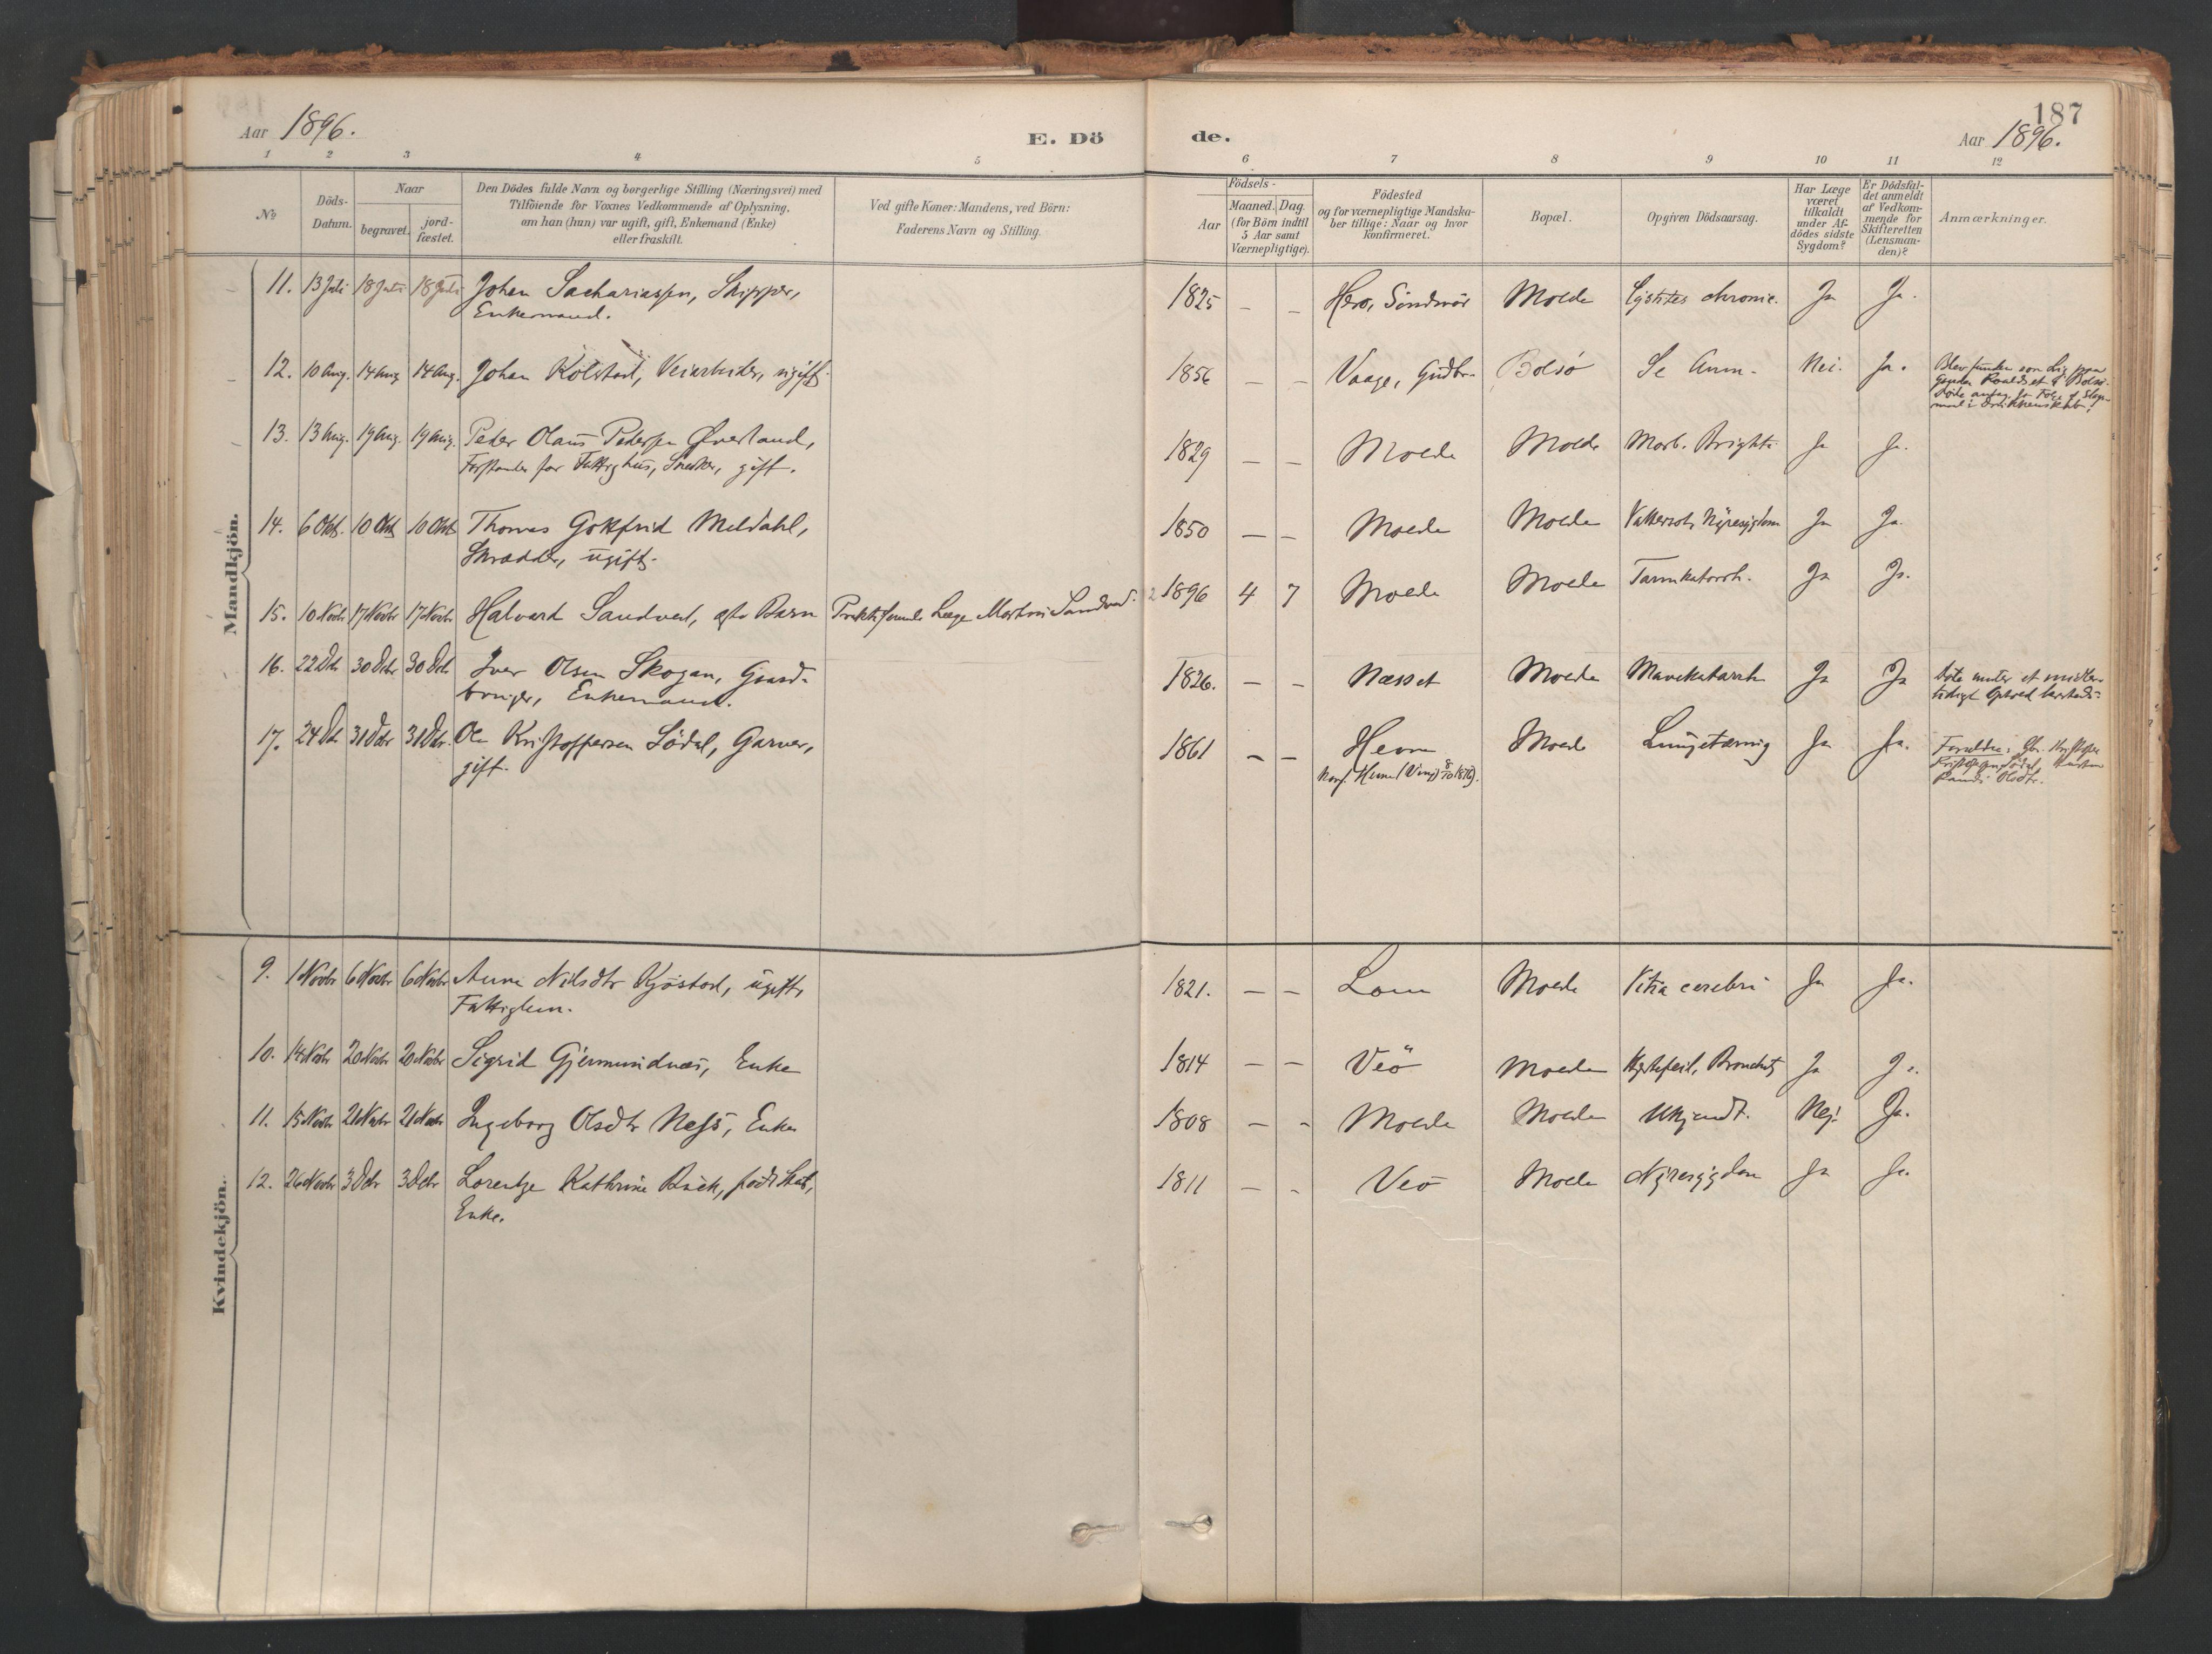 SAT, Ministerialprotokoller, klokkerbøker og fødselsregistre - Møre og Romsdal, 558/L0692: Ministerialbok nr. 558A06, 1887-1971, s. 187